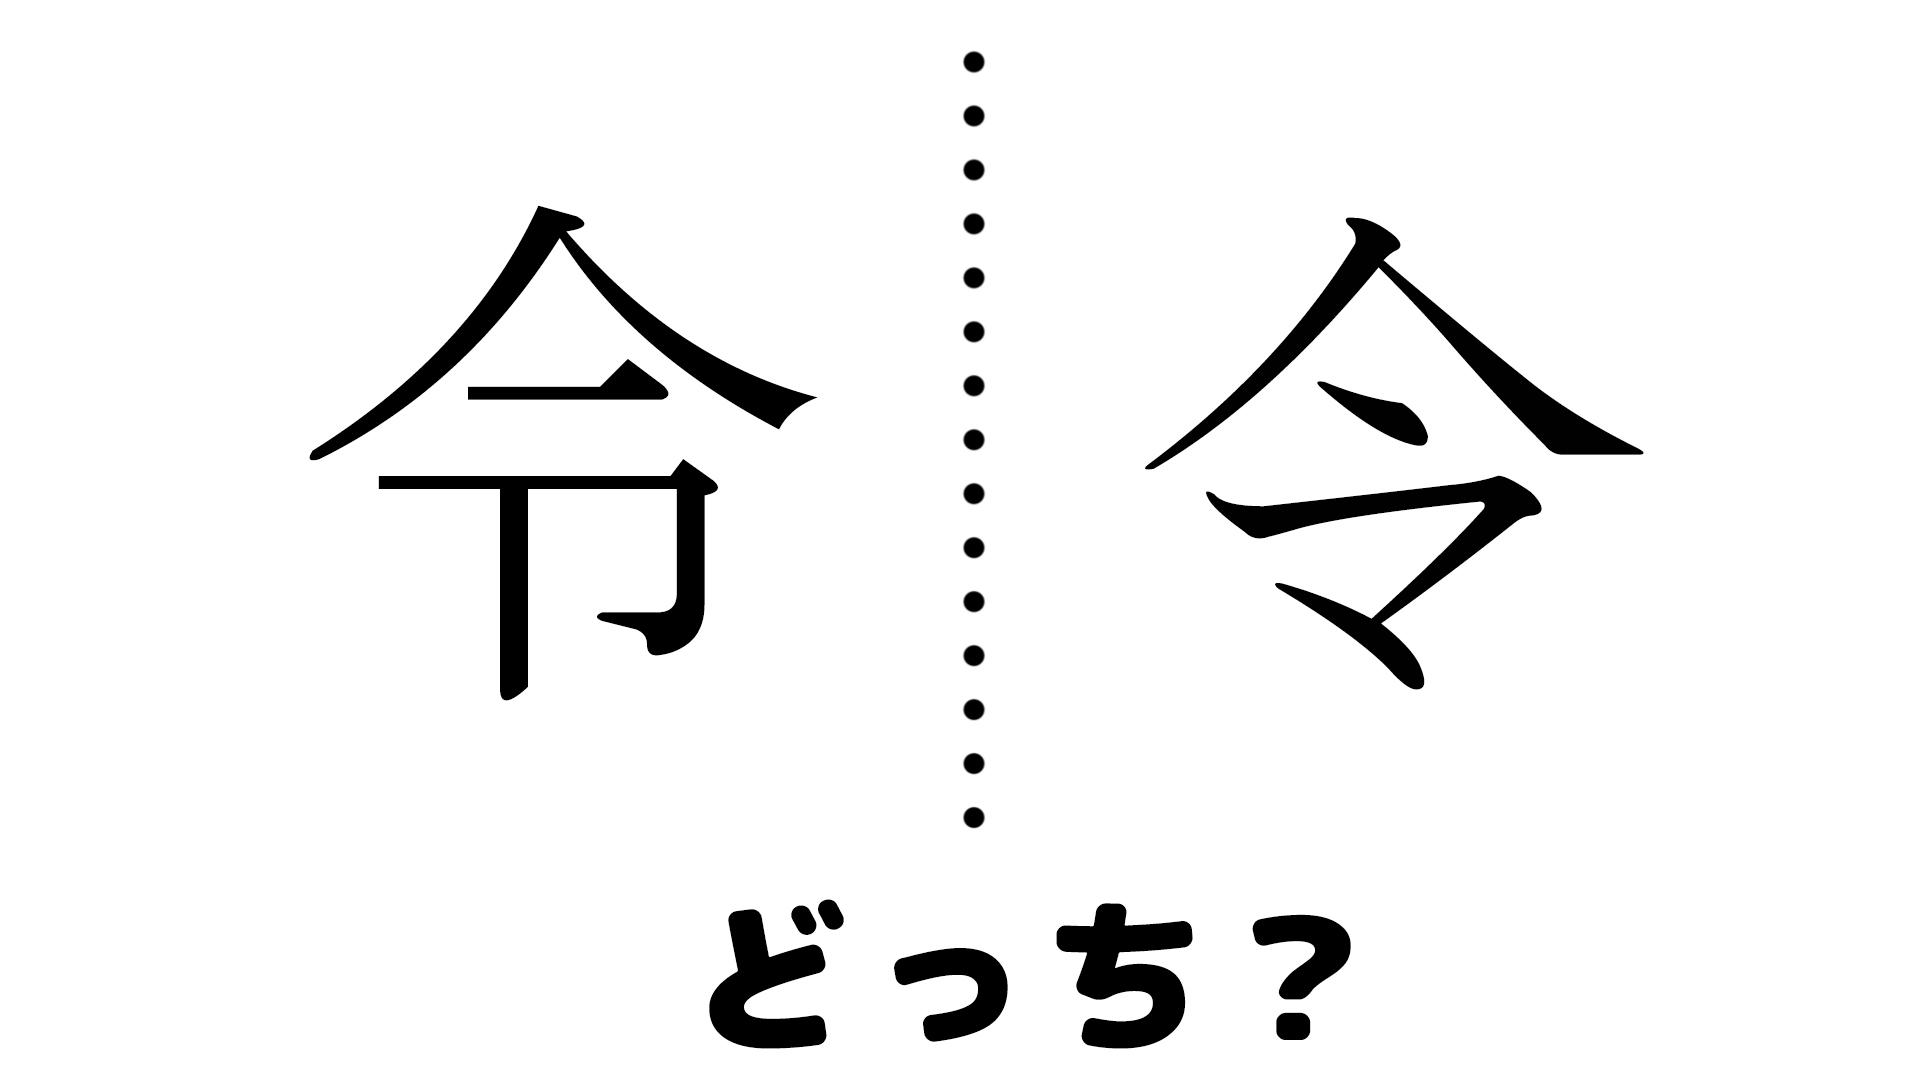 令和の正しい漢字の書き方はどっち?文化庁とモリサワの声明がこちら